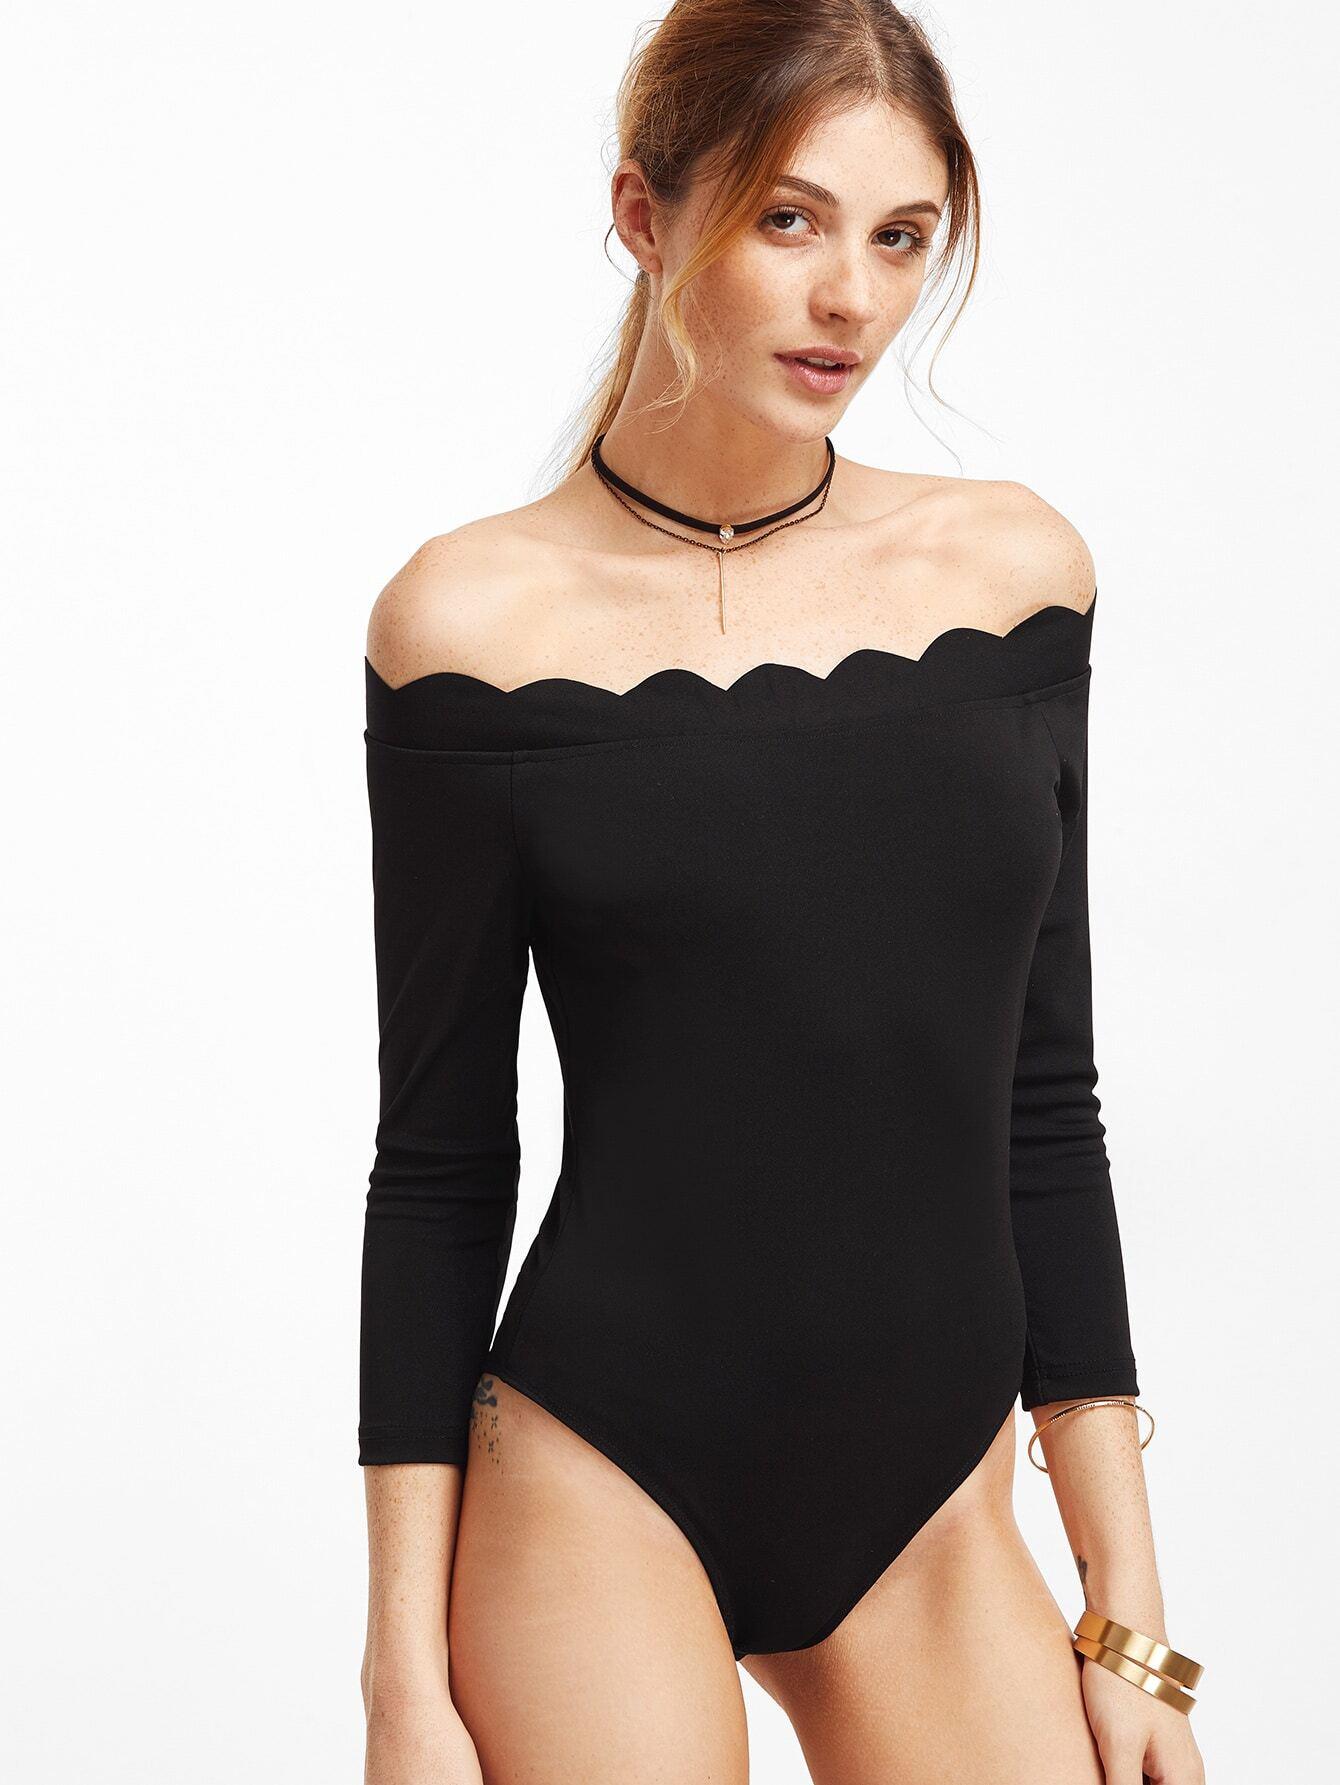 Find great deals on eBay for bodysuit off shoulder black. Shop with confidence.